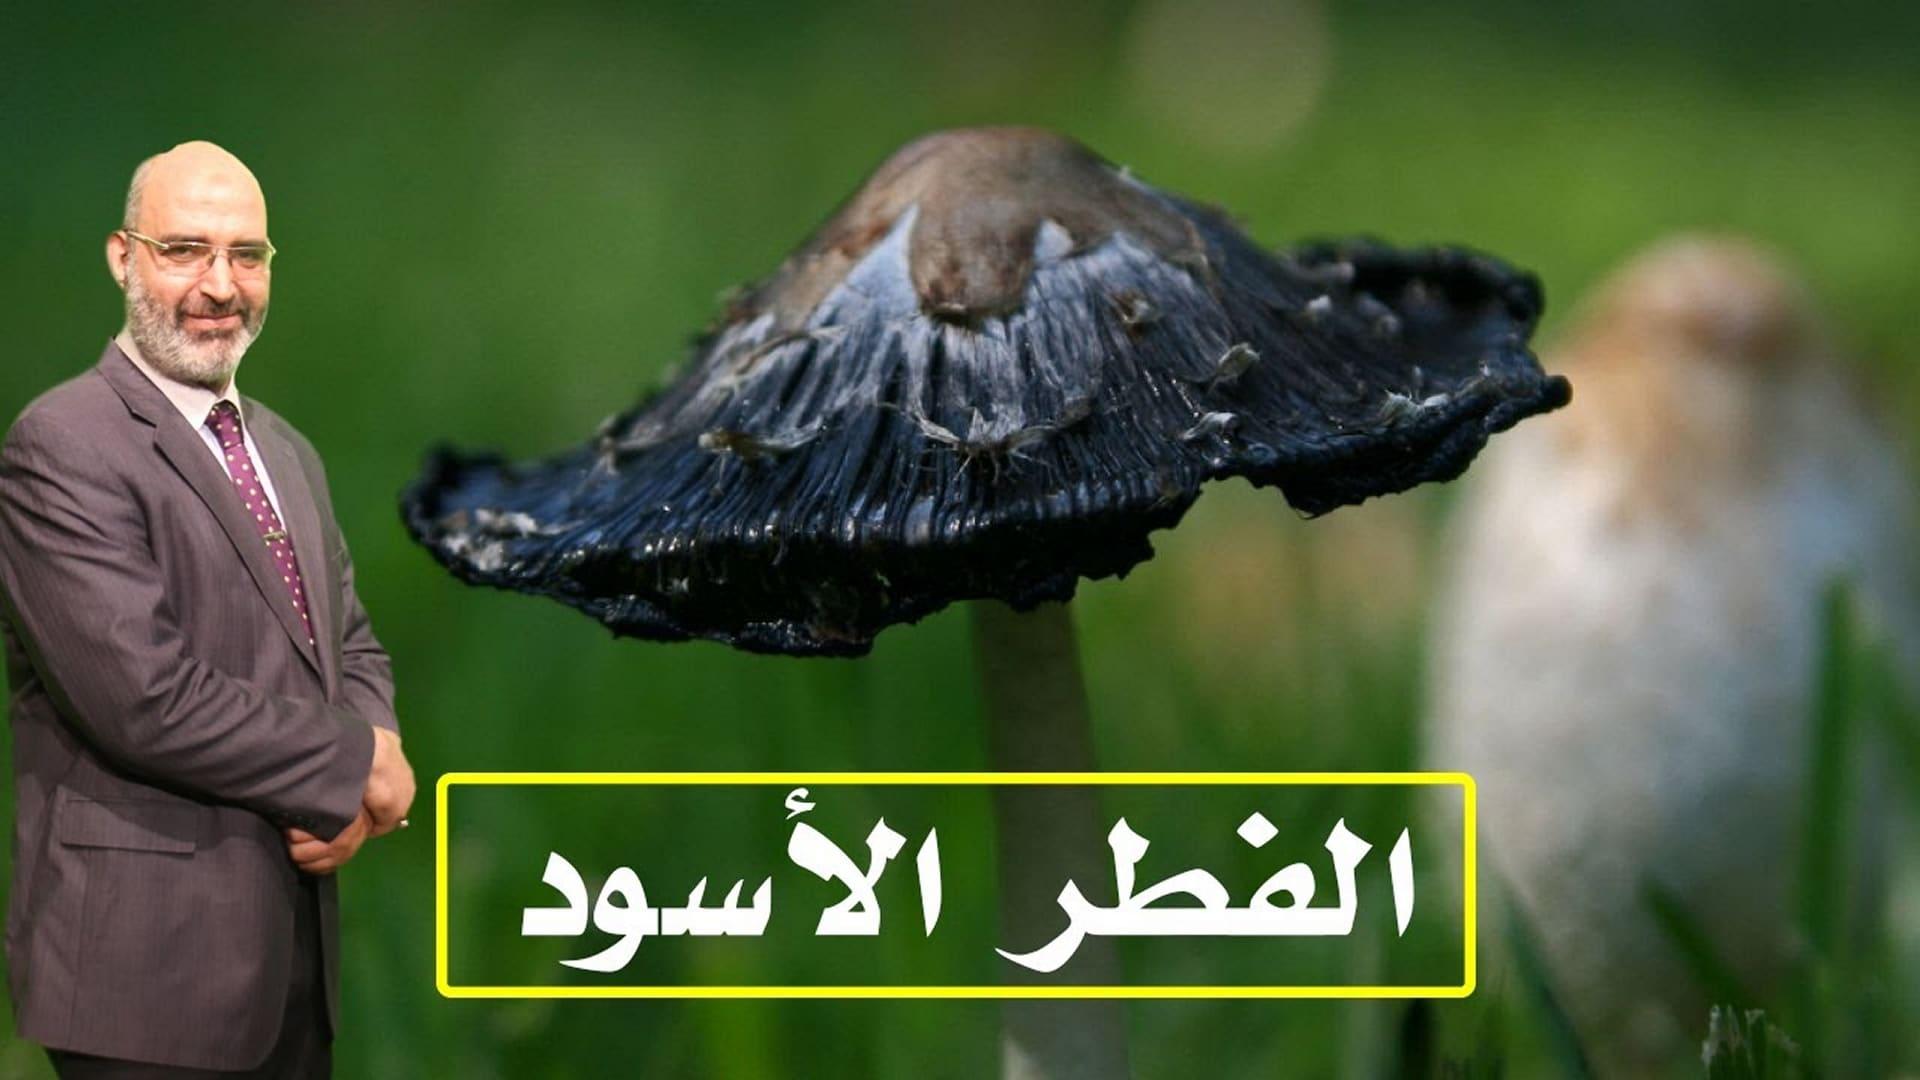 مرض الفطر الأسود - الدكتور امير صالح